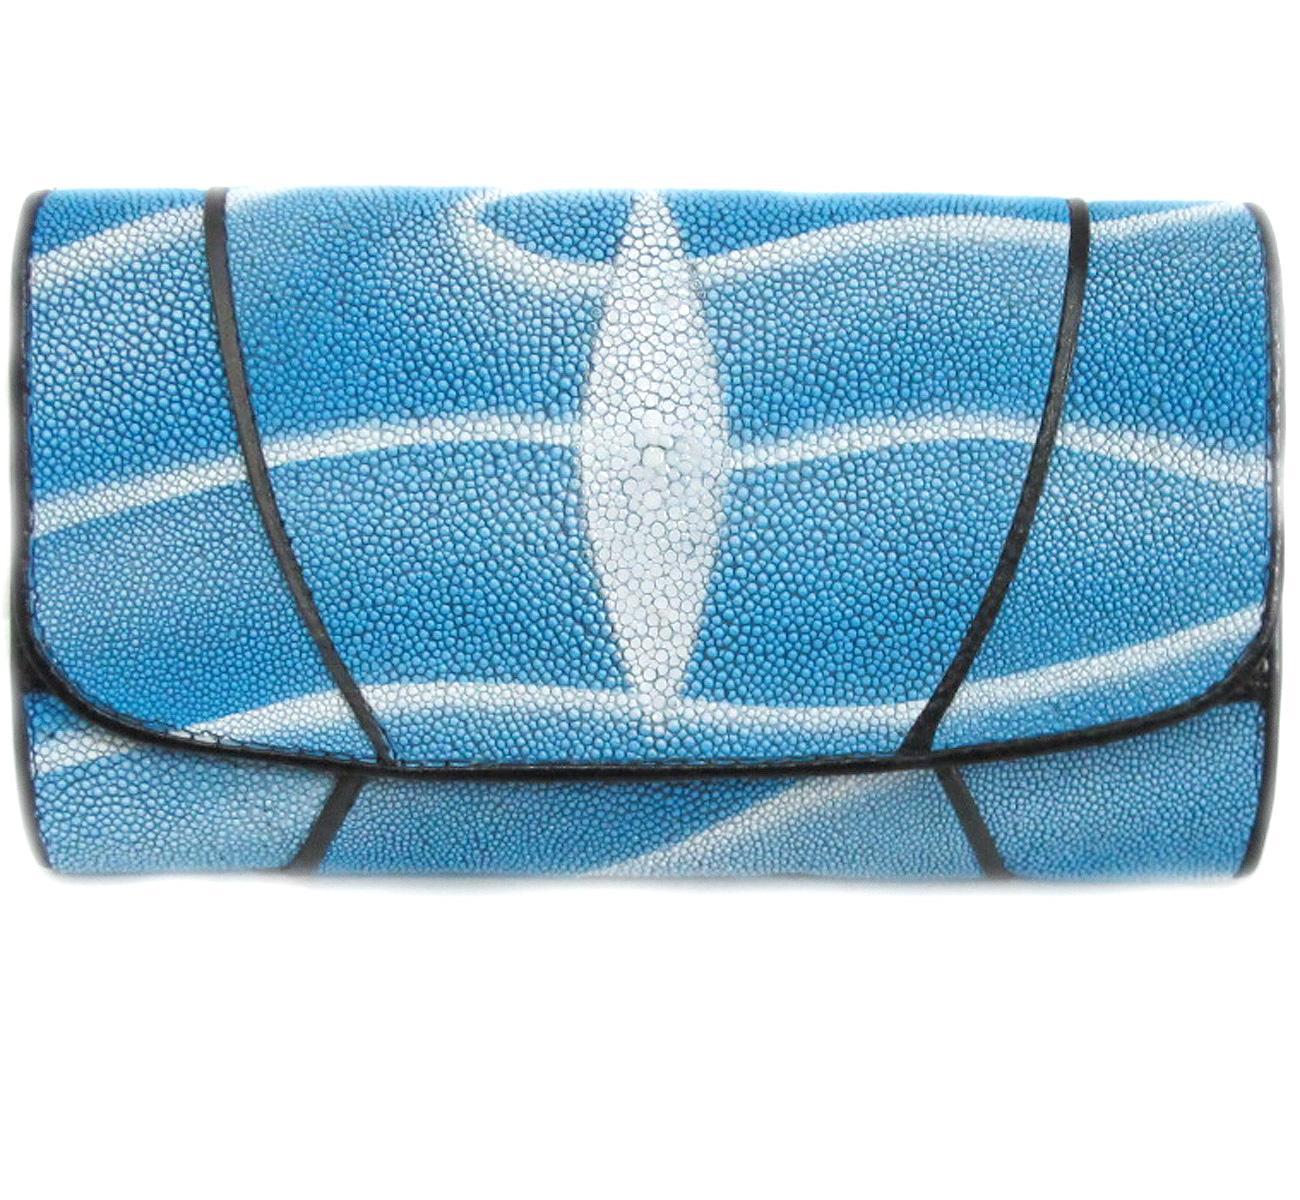 กระเป๋าสตางค์ปลากระเบน แบบ 3 พับ เม็ดใหญ่ ลวดลาย คลื่นน้ำทะเล สีฟ้าและตัวด้วยสีขาว มองแล้วทำให้รู้สึกสดใส Line id : 0853457150